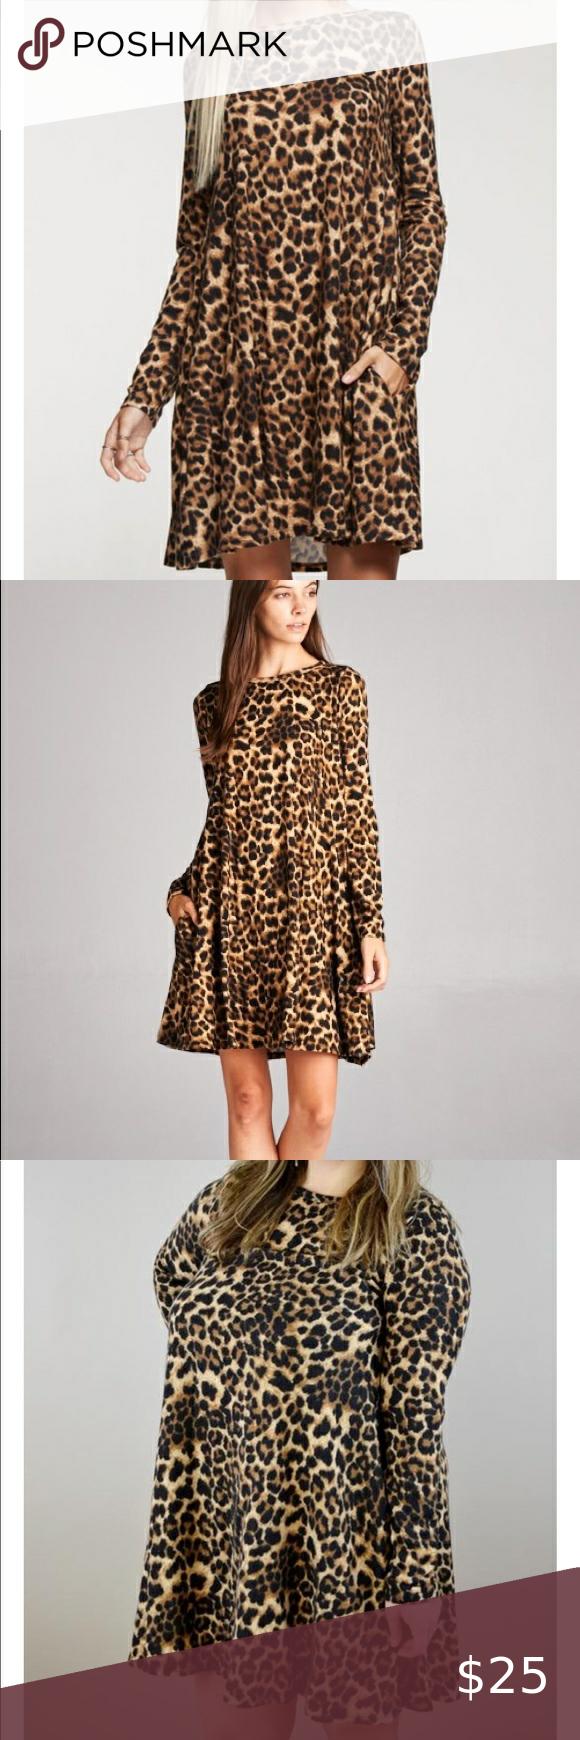 Leopard Cheetah Print Long Sleeve Dress Long Sleeve Print Dress Grey Long Sleeve Dress Long Sleeve Jersey Dress [ 1740 x 580 Pixel ]